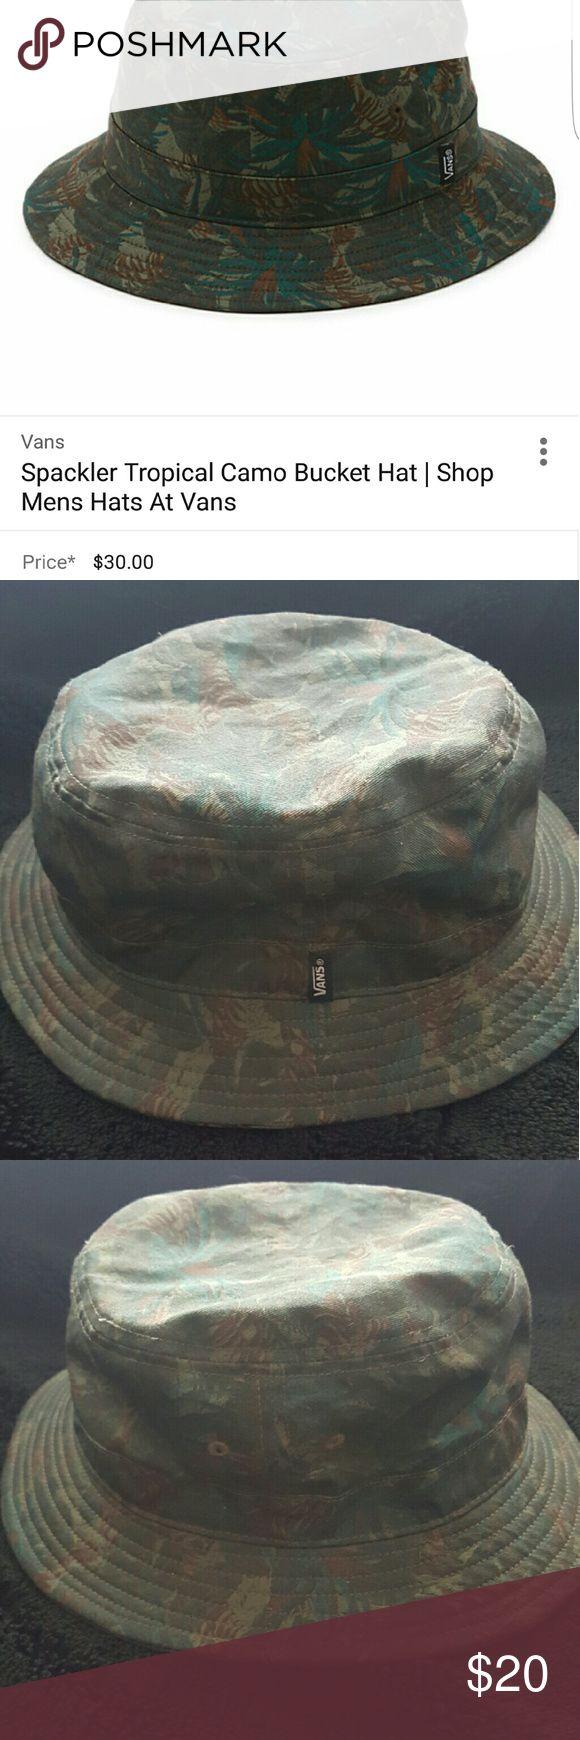 MEN'S Spackler Tropical Camo Bucket Hat Men's Spackler Tropical Camo Bucket Hat- originally $30. Good condition. Vans Accessories Hats